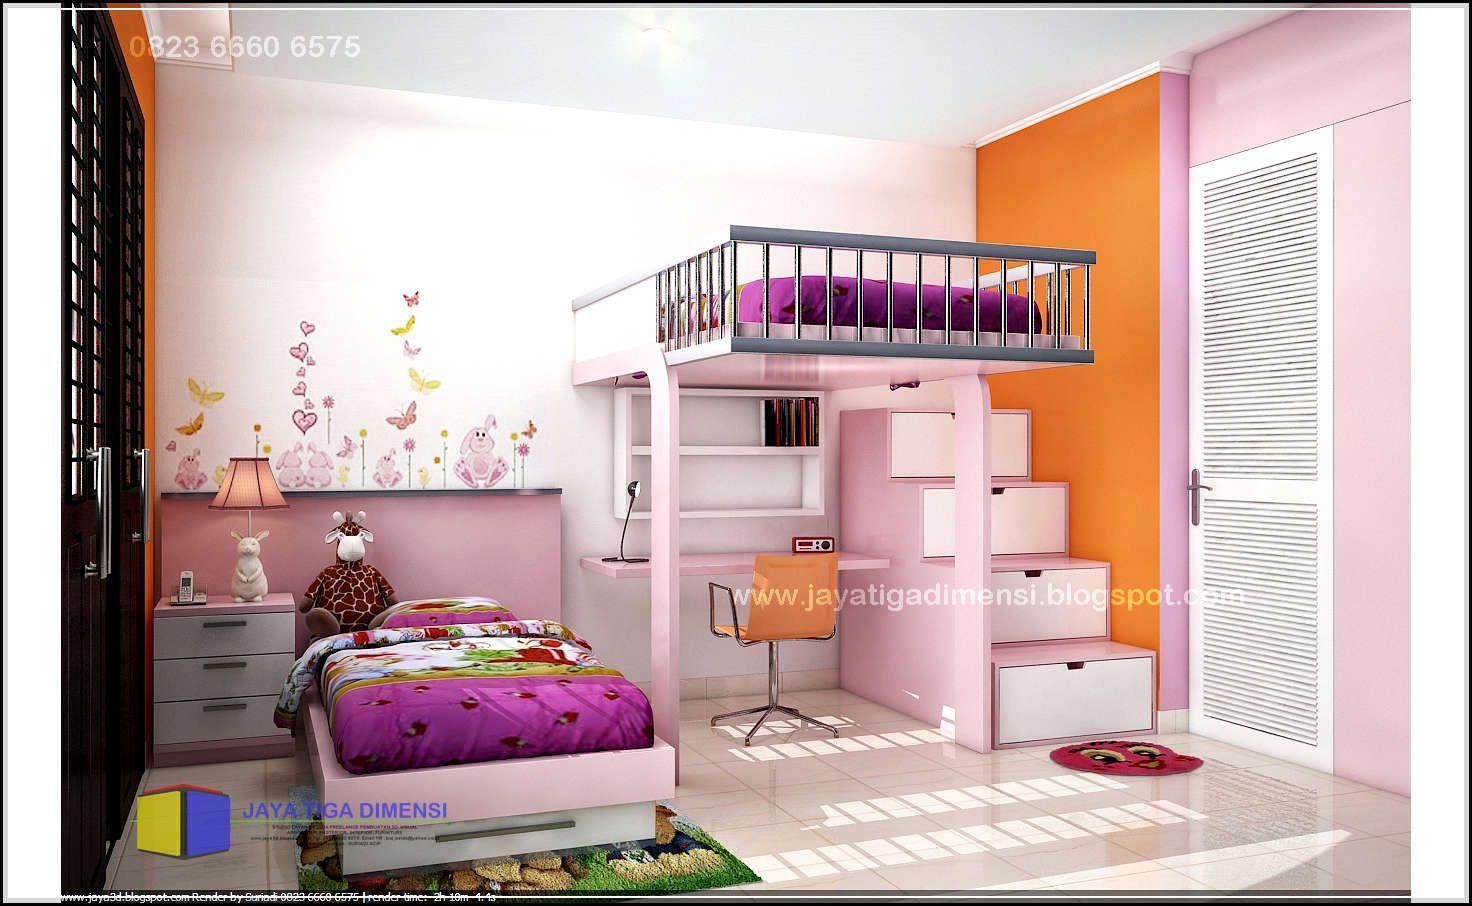 kamar tidur minimalis anak perempuan kamar tidur anak on wall stickers stiker kamar tidur remaja id=82528